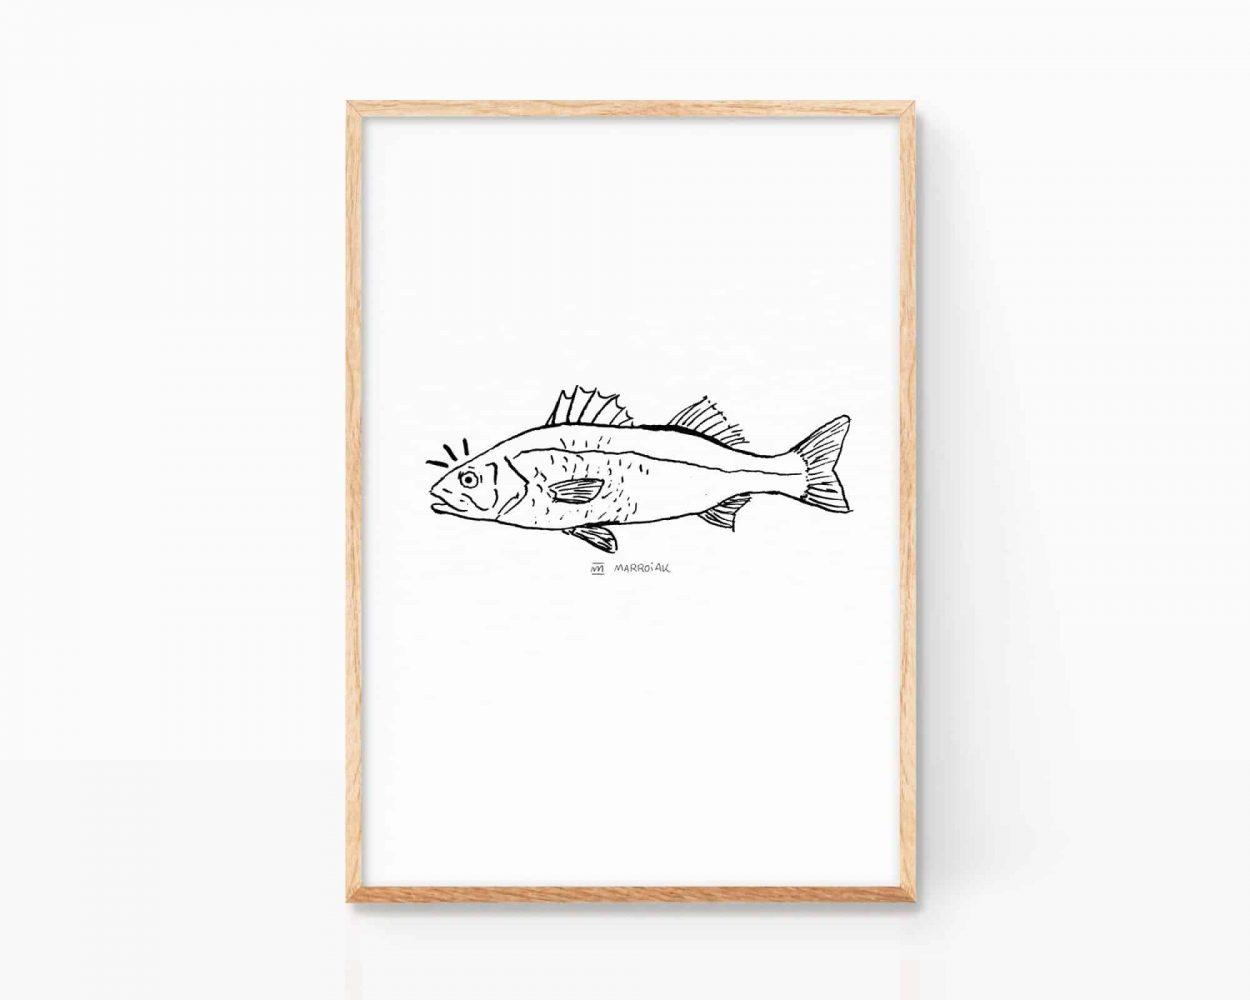 Cuadro decorativo de un pez lubina en blanco y negro. Ilustración en tinta sobre papel. Lámina print calidad museo